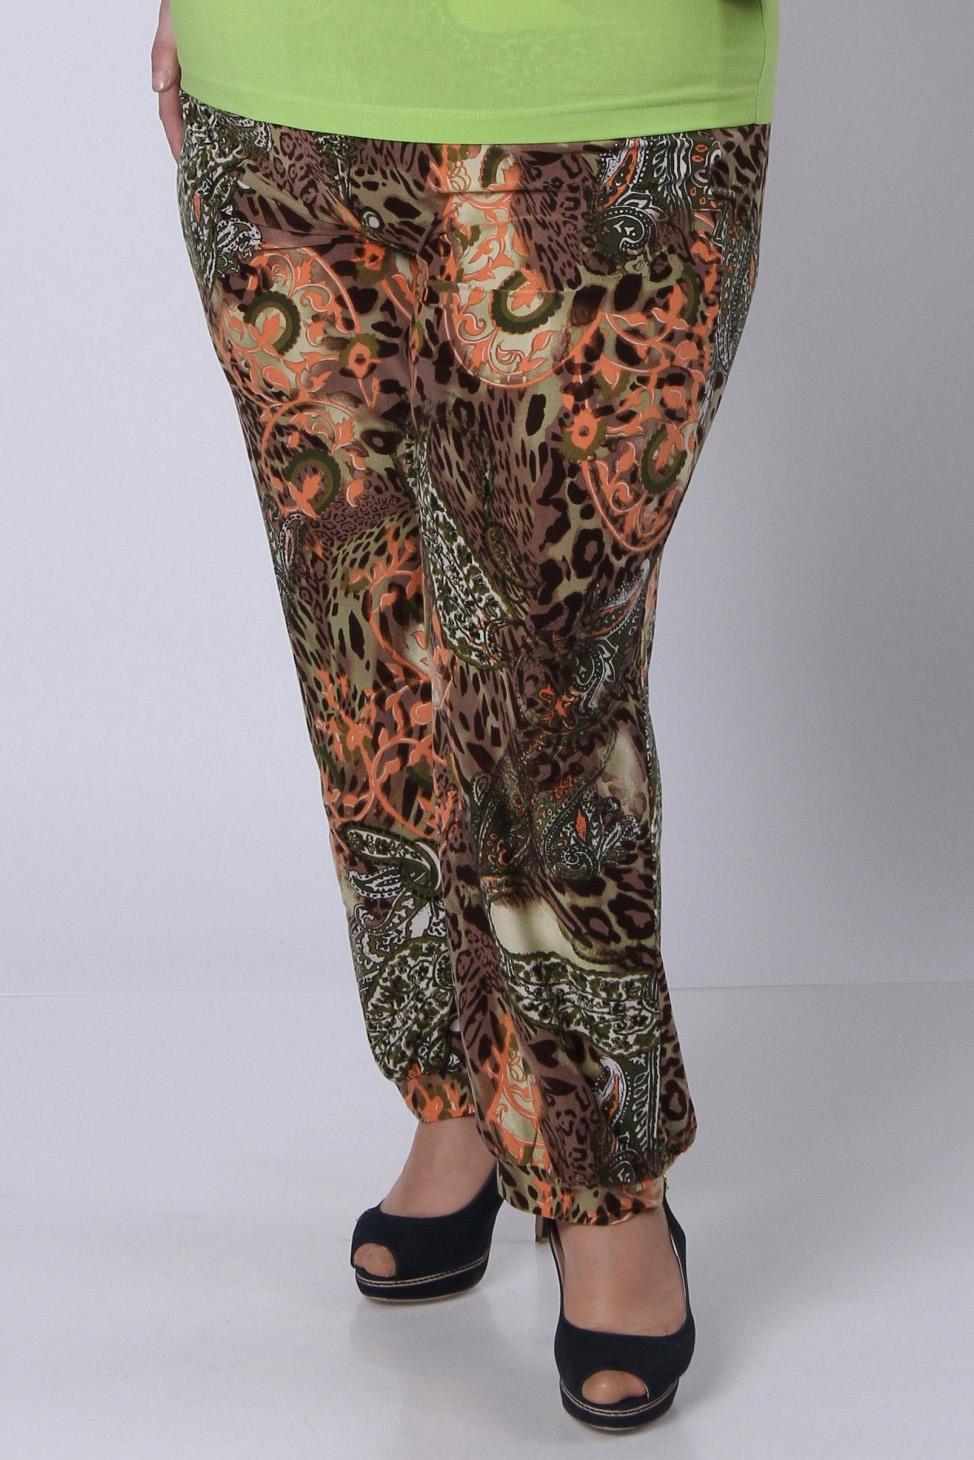 БрюкиБрюки<br>Яркие брюки с модным узором из мягкого трикотажного полотна. Низ посажен на небольшой манжет.  Длина изделия по боковому шву –  105 см.  Цвет: коричневый, оранжевый  Рост девушки-фотомодели 164 см<br><br>По материалу: Трикотаж<br>По рисунку: Абстракция,Цветные<br>По сезону: Весна,Осень<br>По силуэту: Свободные<br>По стилю: Повседневный стиль<br>По элементам: С резинкой<br>Размер : 48,50<br>Материал: Холодное масло<br>Количество в наличии: 2